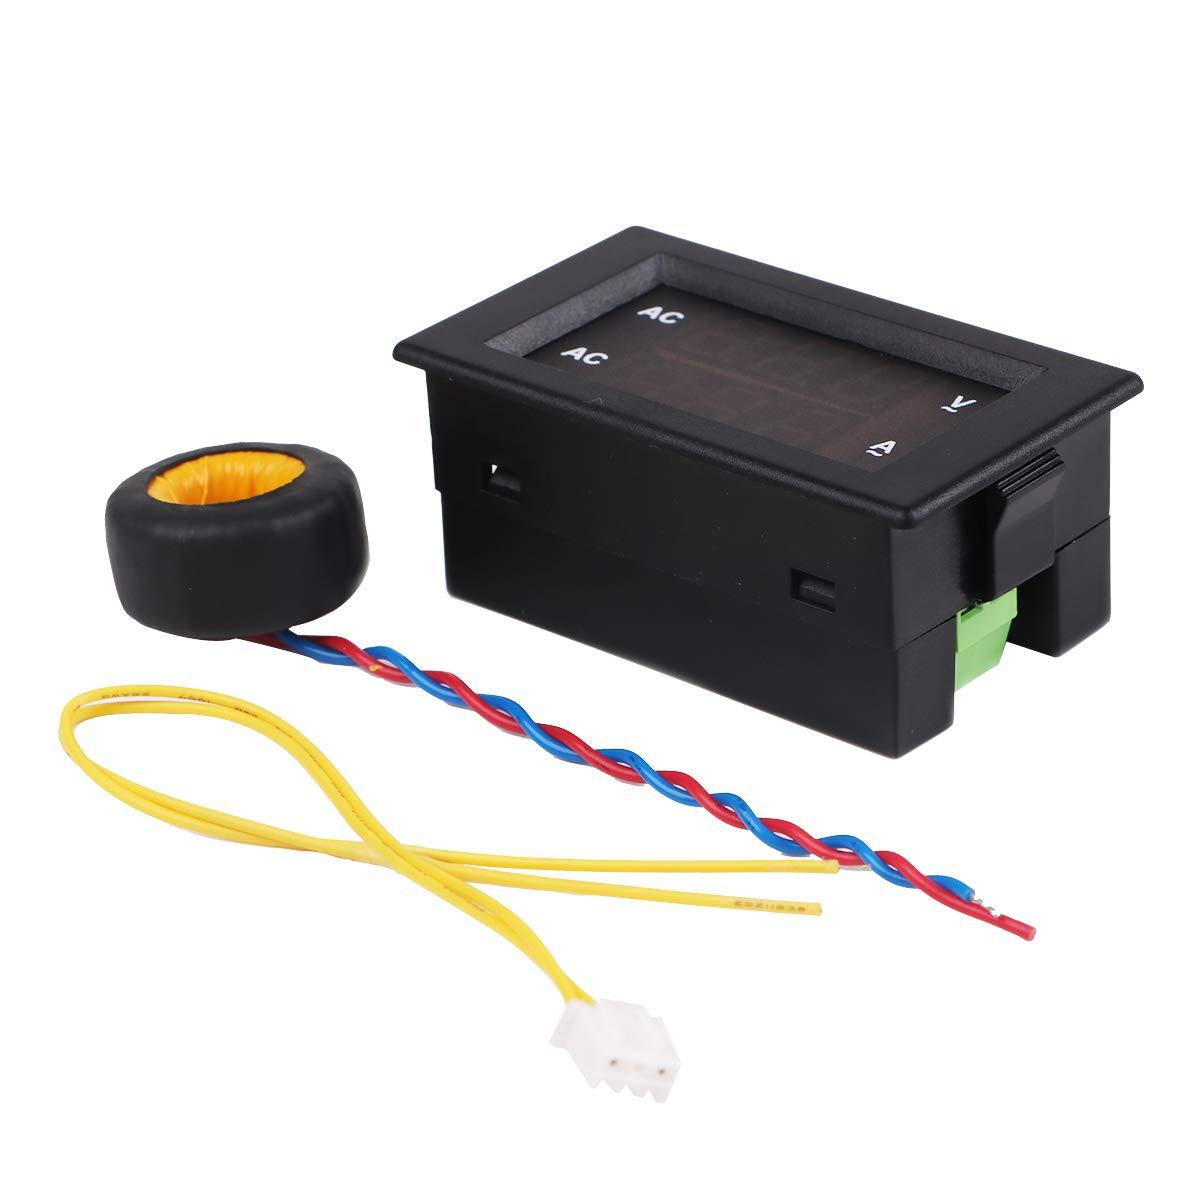 MakerHawk 2pcs Medidor de Voltaje Actual de CA de Pantalla Dual Digital Pantalla LED de 0.39 Pulgadas Medici/ón de 100V ~ 300V 0~9.99A Probador de volt/ímetro Digital con Transformador de Corriente CT